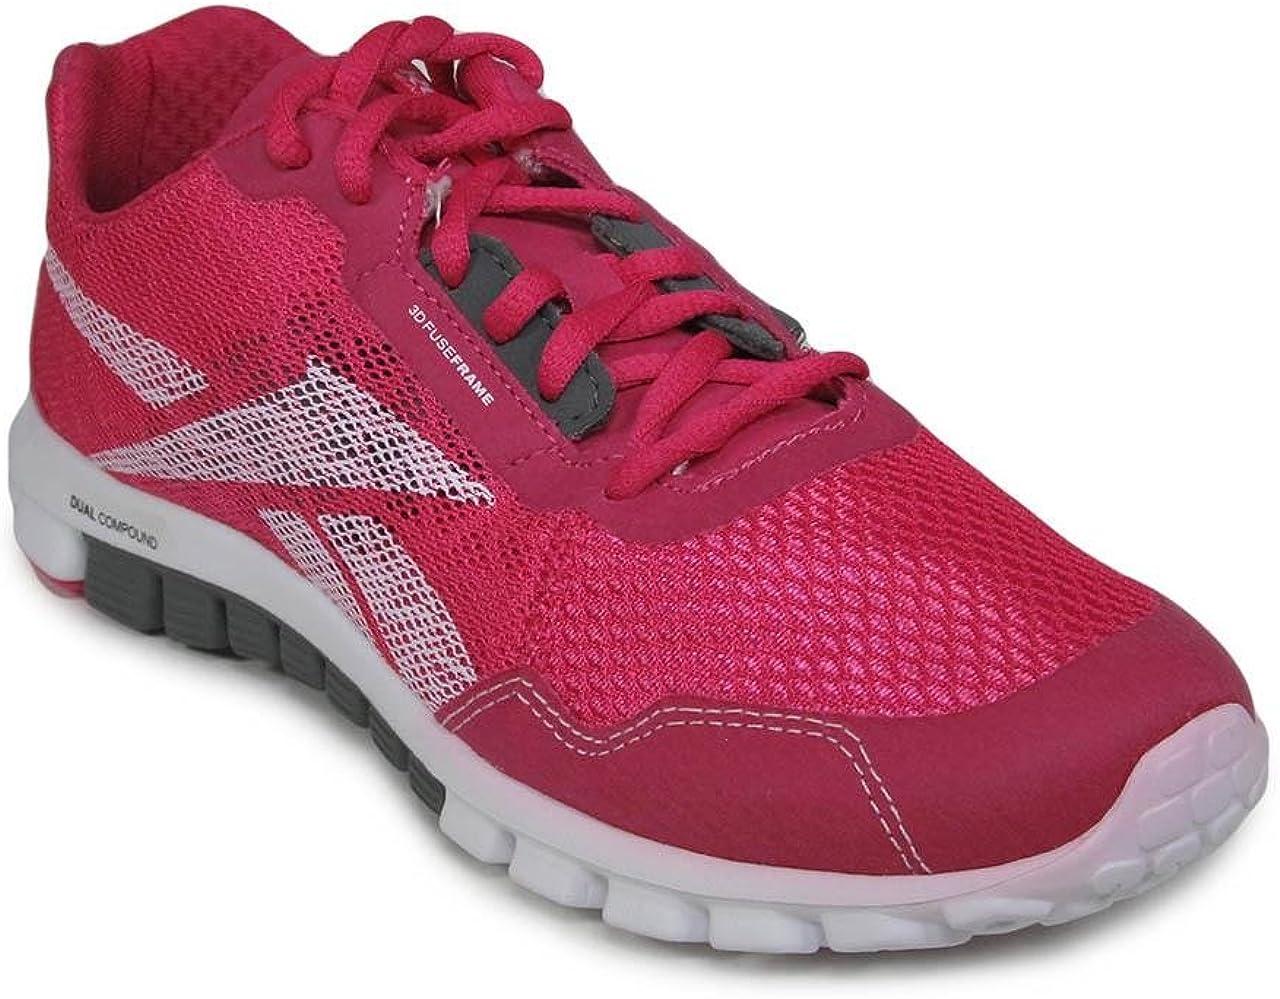 Reebok - Zapatillas de Running para Mujer, Color Rosa, Talla 41: Amazon.es: Zapatos y complementos